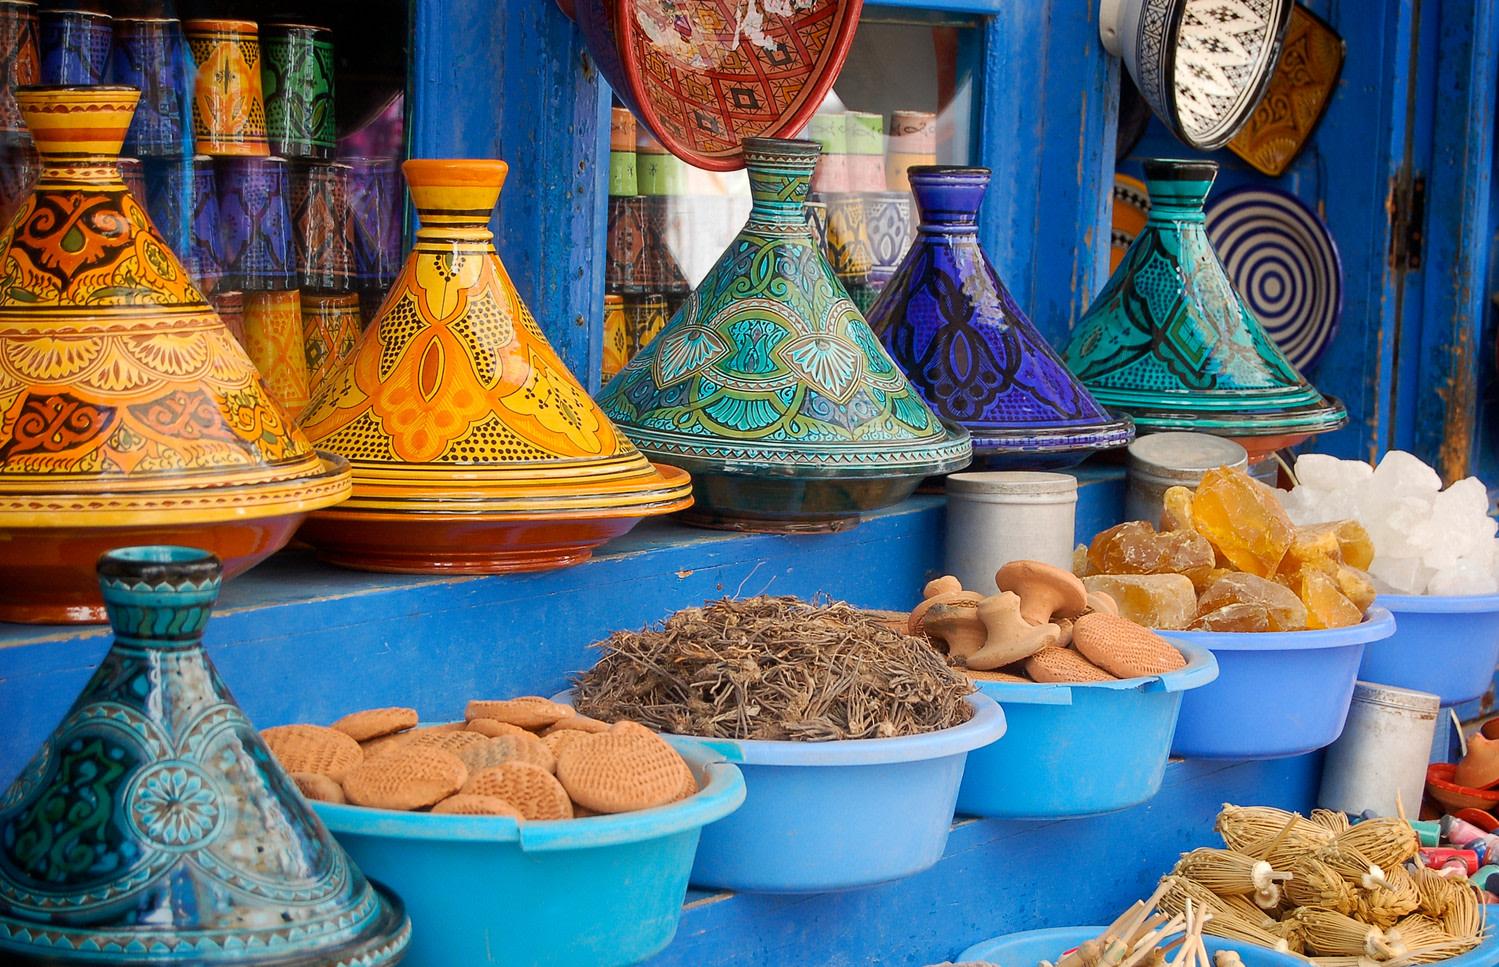 Tajine - Plats à tajine dans un souk au Maroc